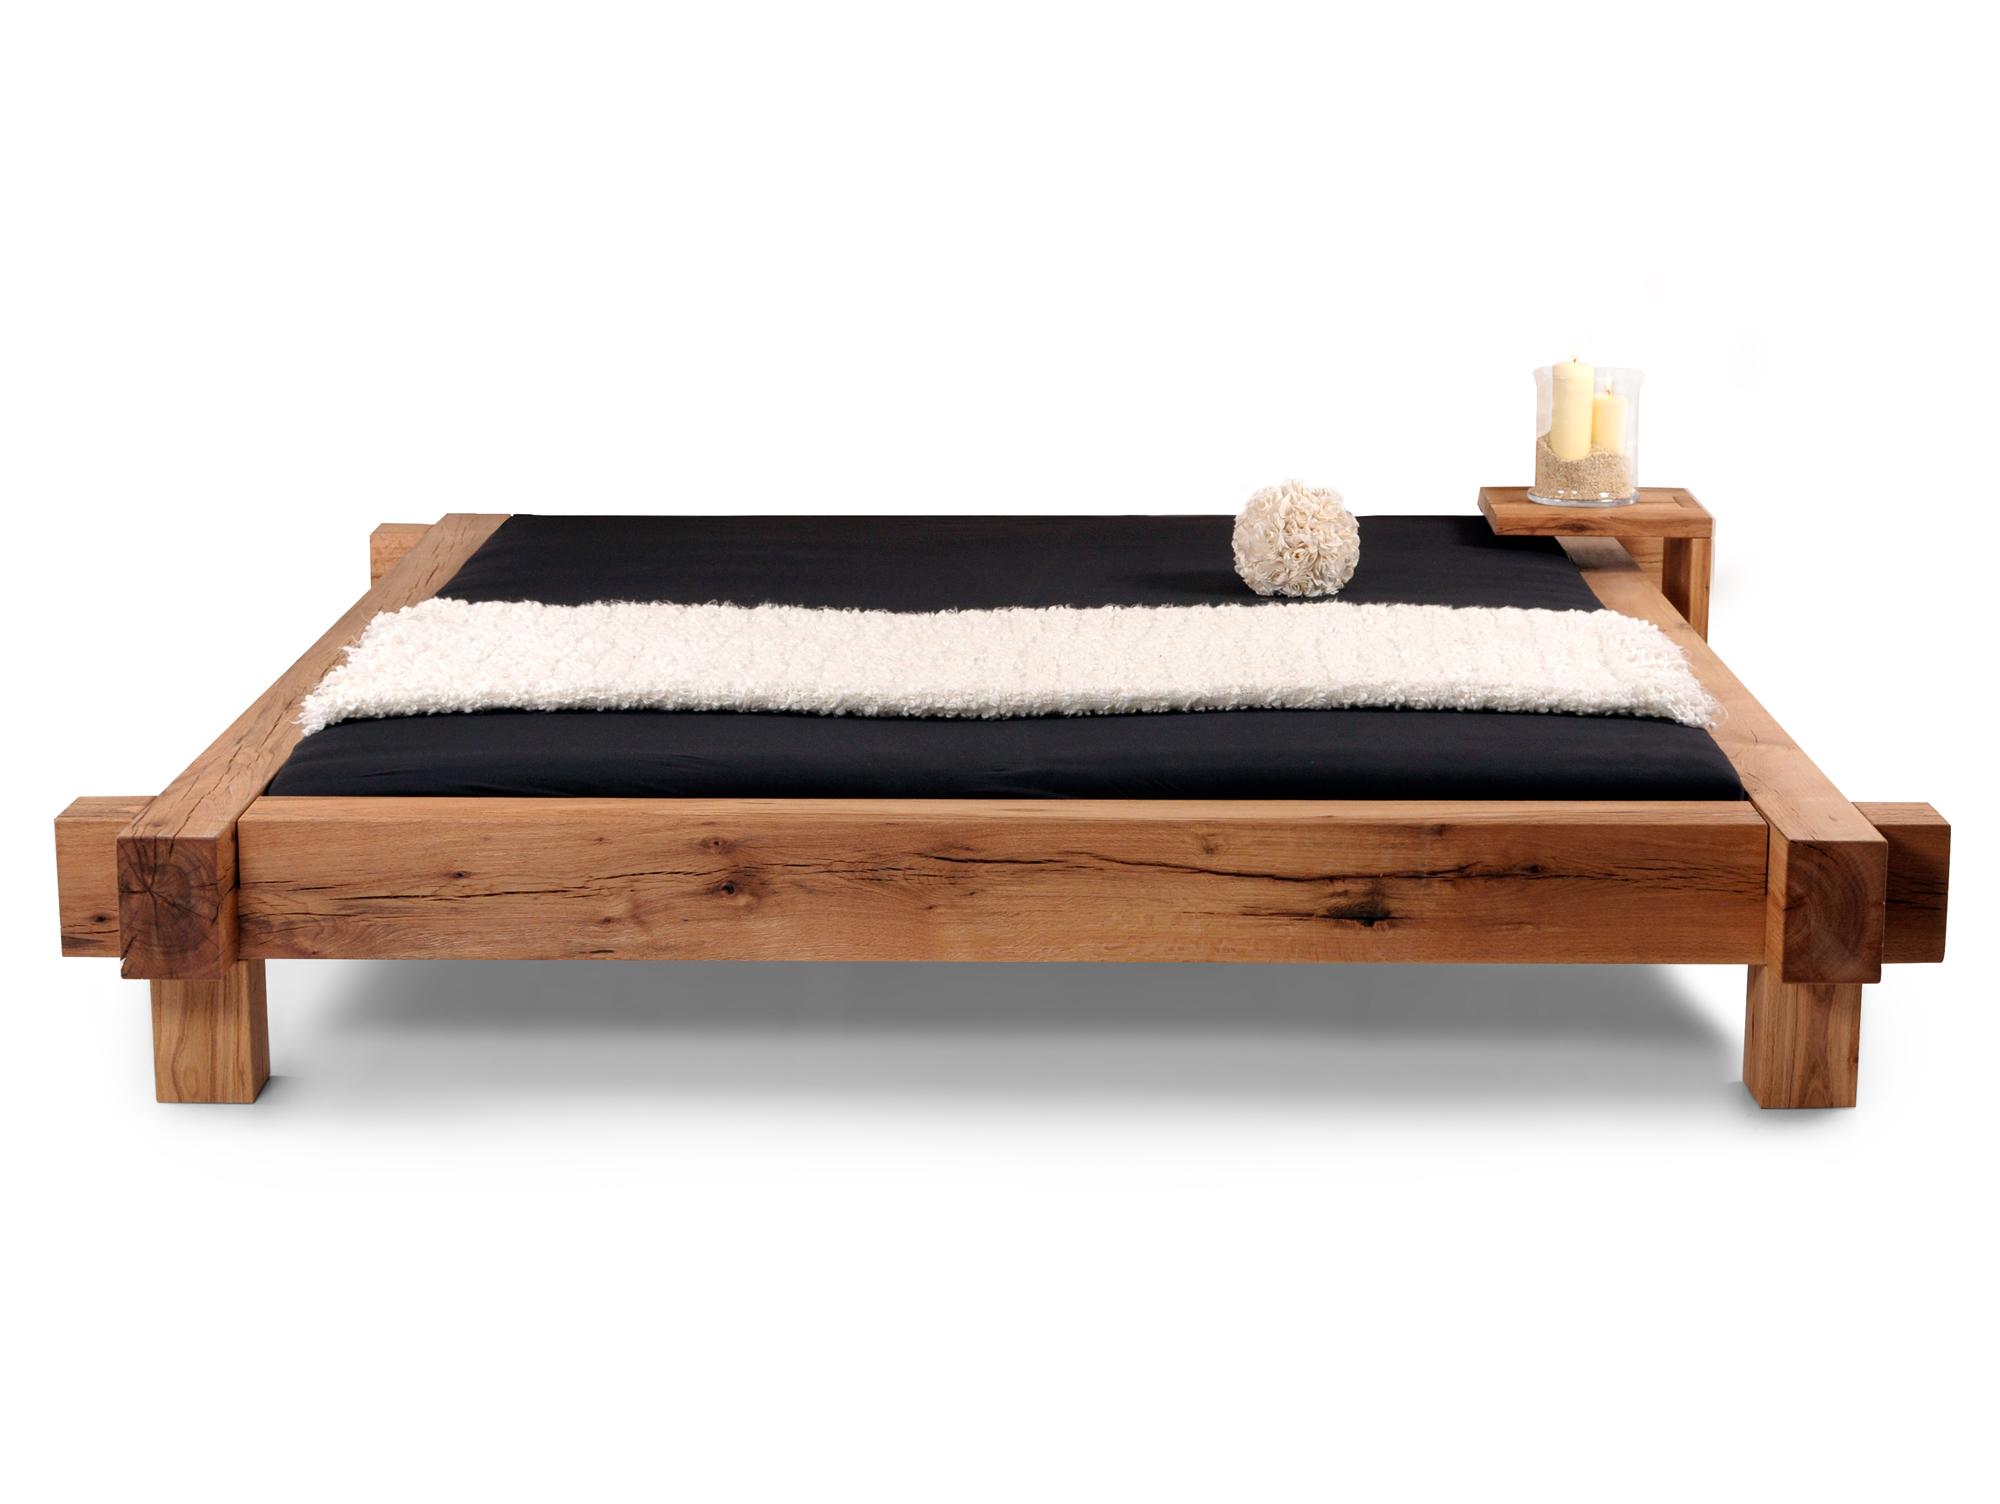 maito doppelbett massivholzbett sumpfeiche ge lt 160 x 220 cm unbehandelt ohne kopfteil. Black Bedroom Furniture Sets. Home Design Ideas